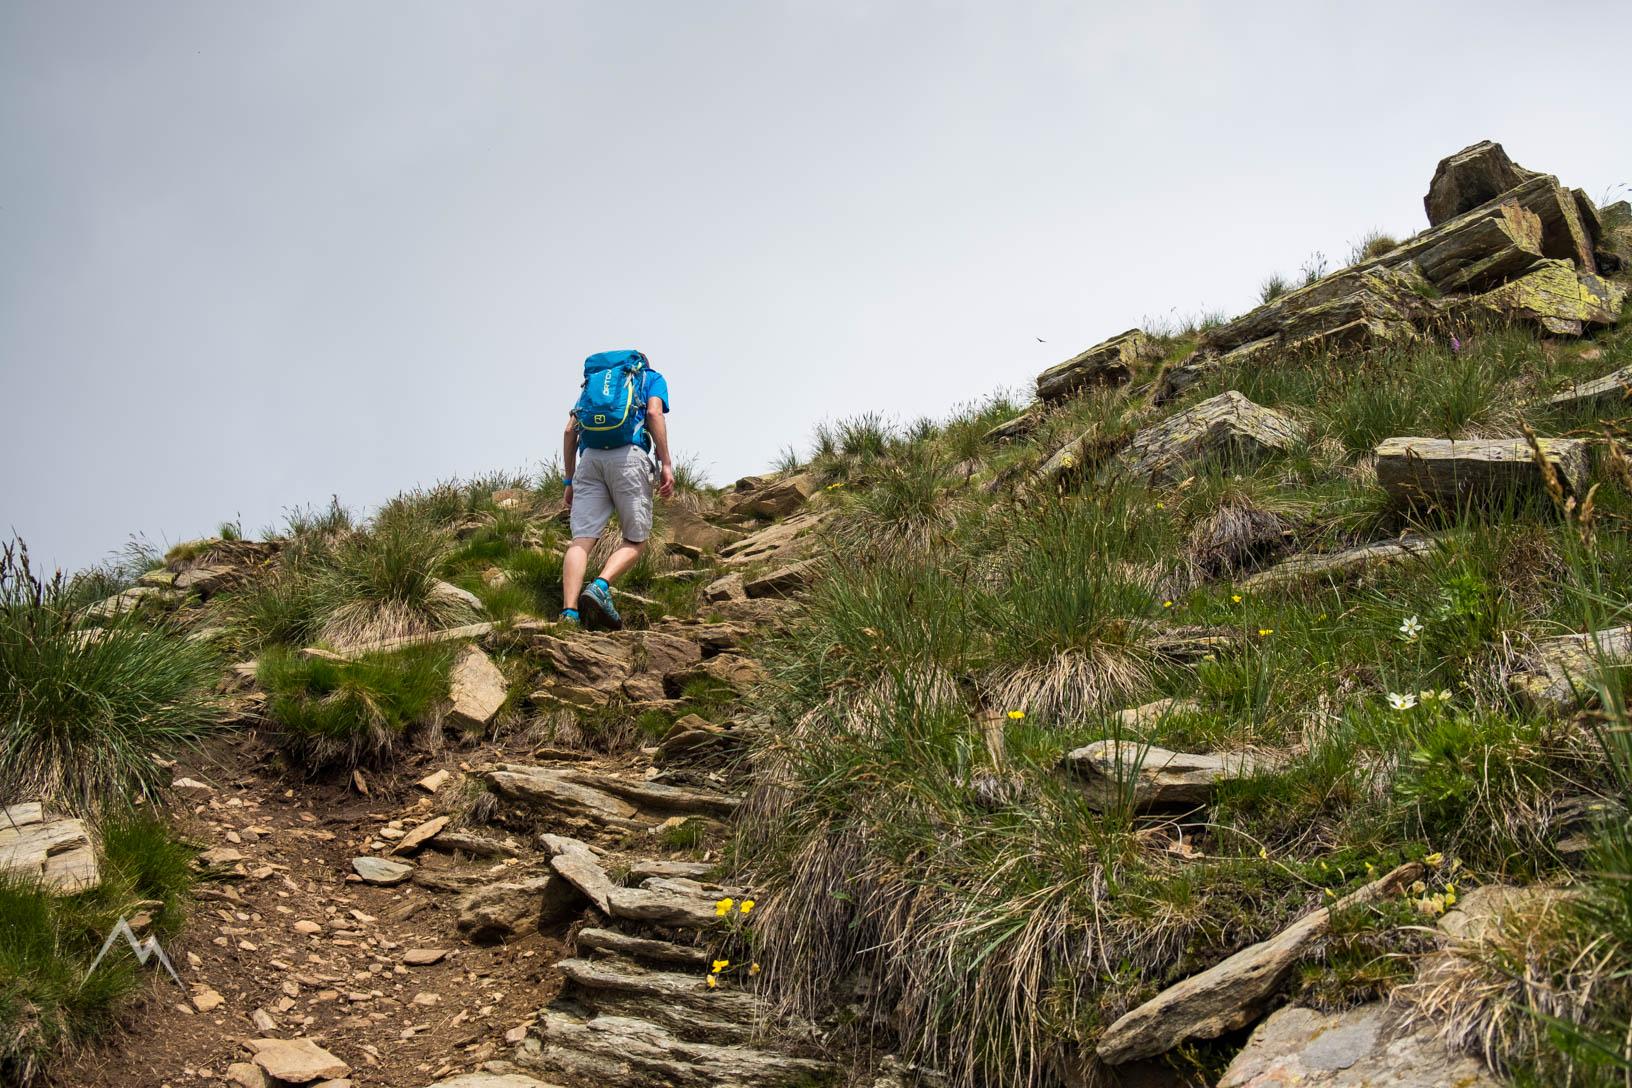 Il percorso diventa più roccioso